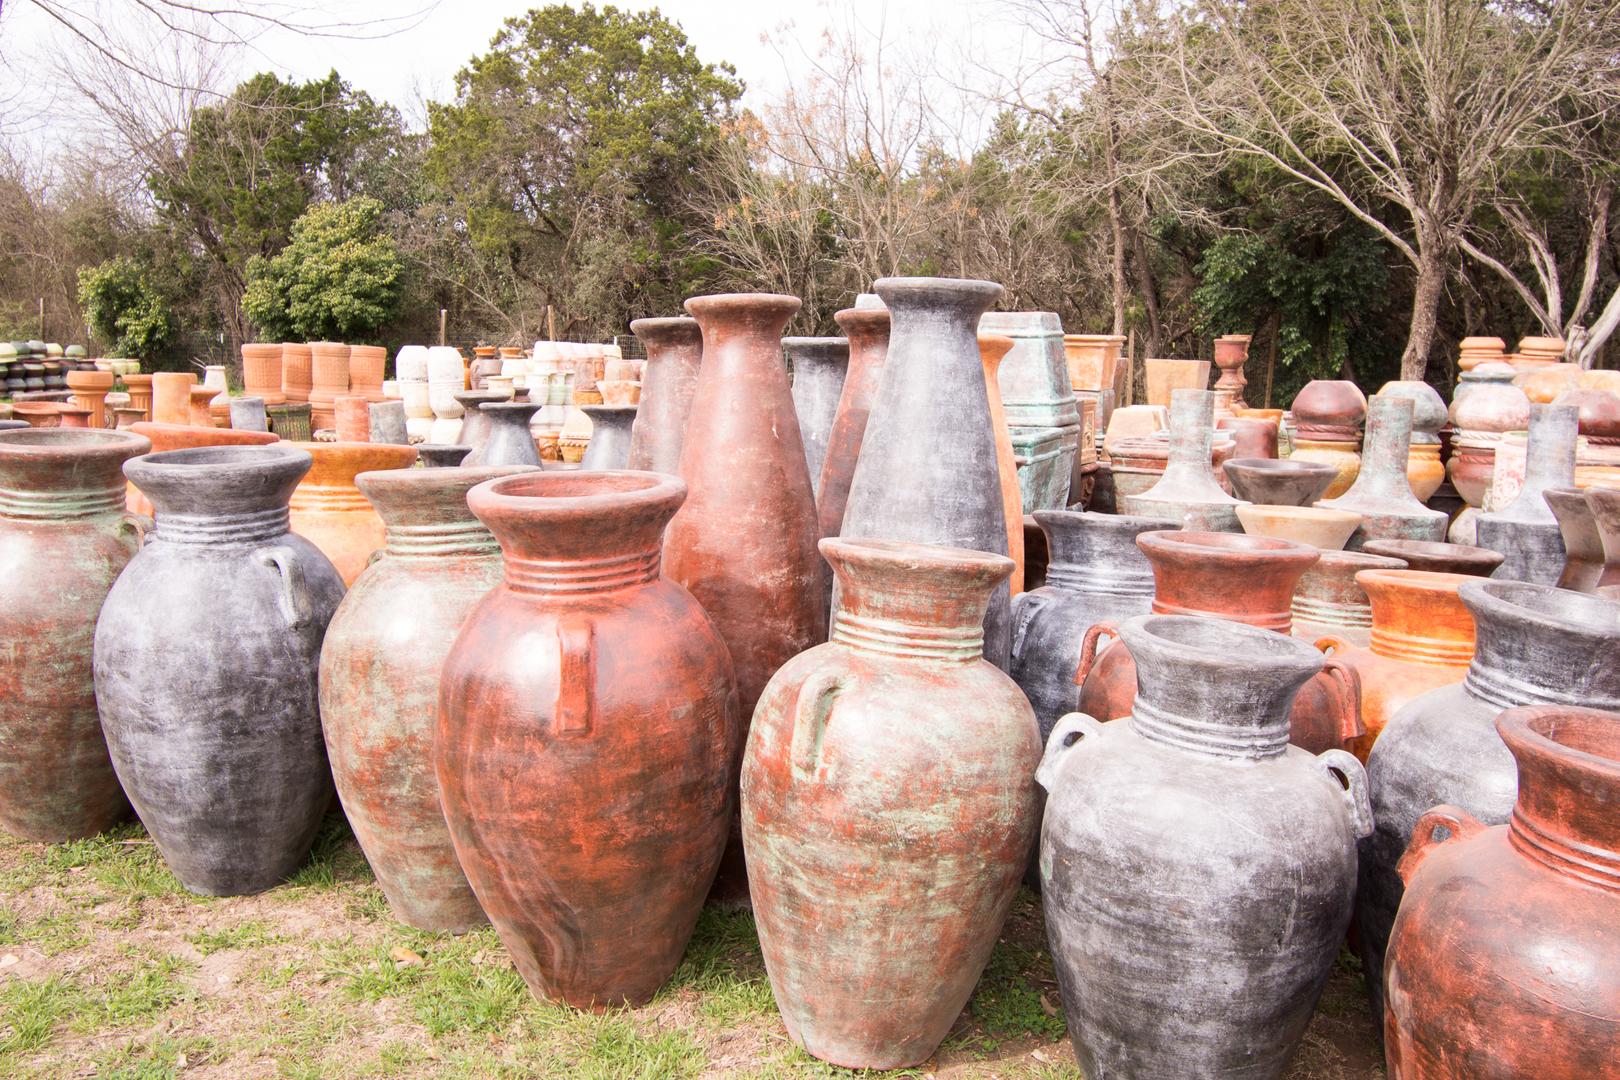 1 Mexican Pottery and Garden Art San Antonio Texas